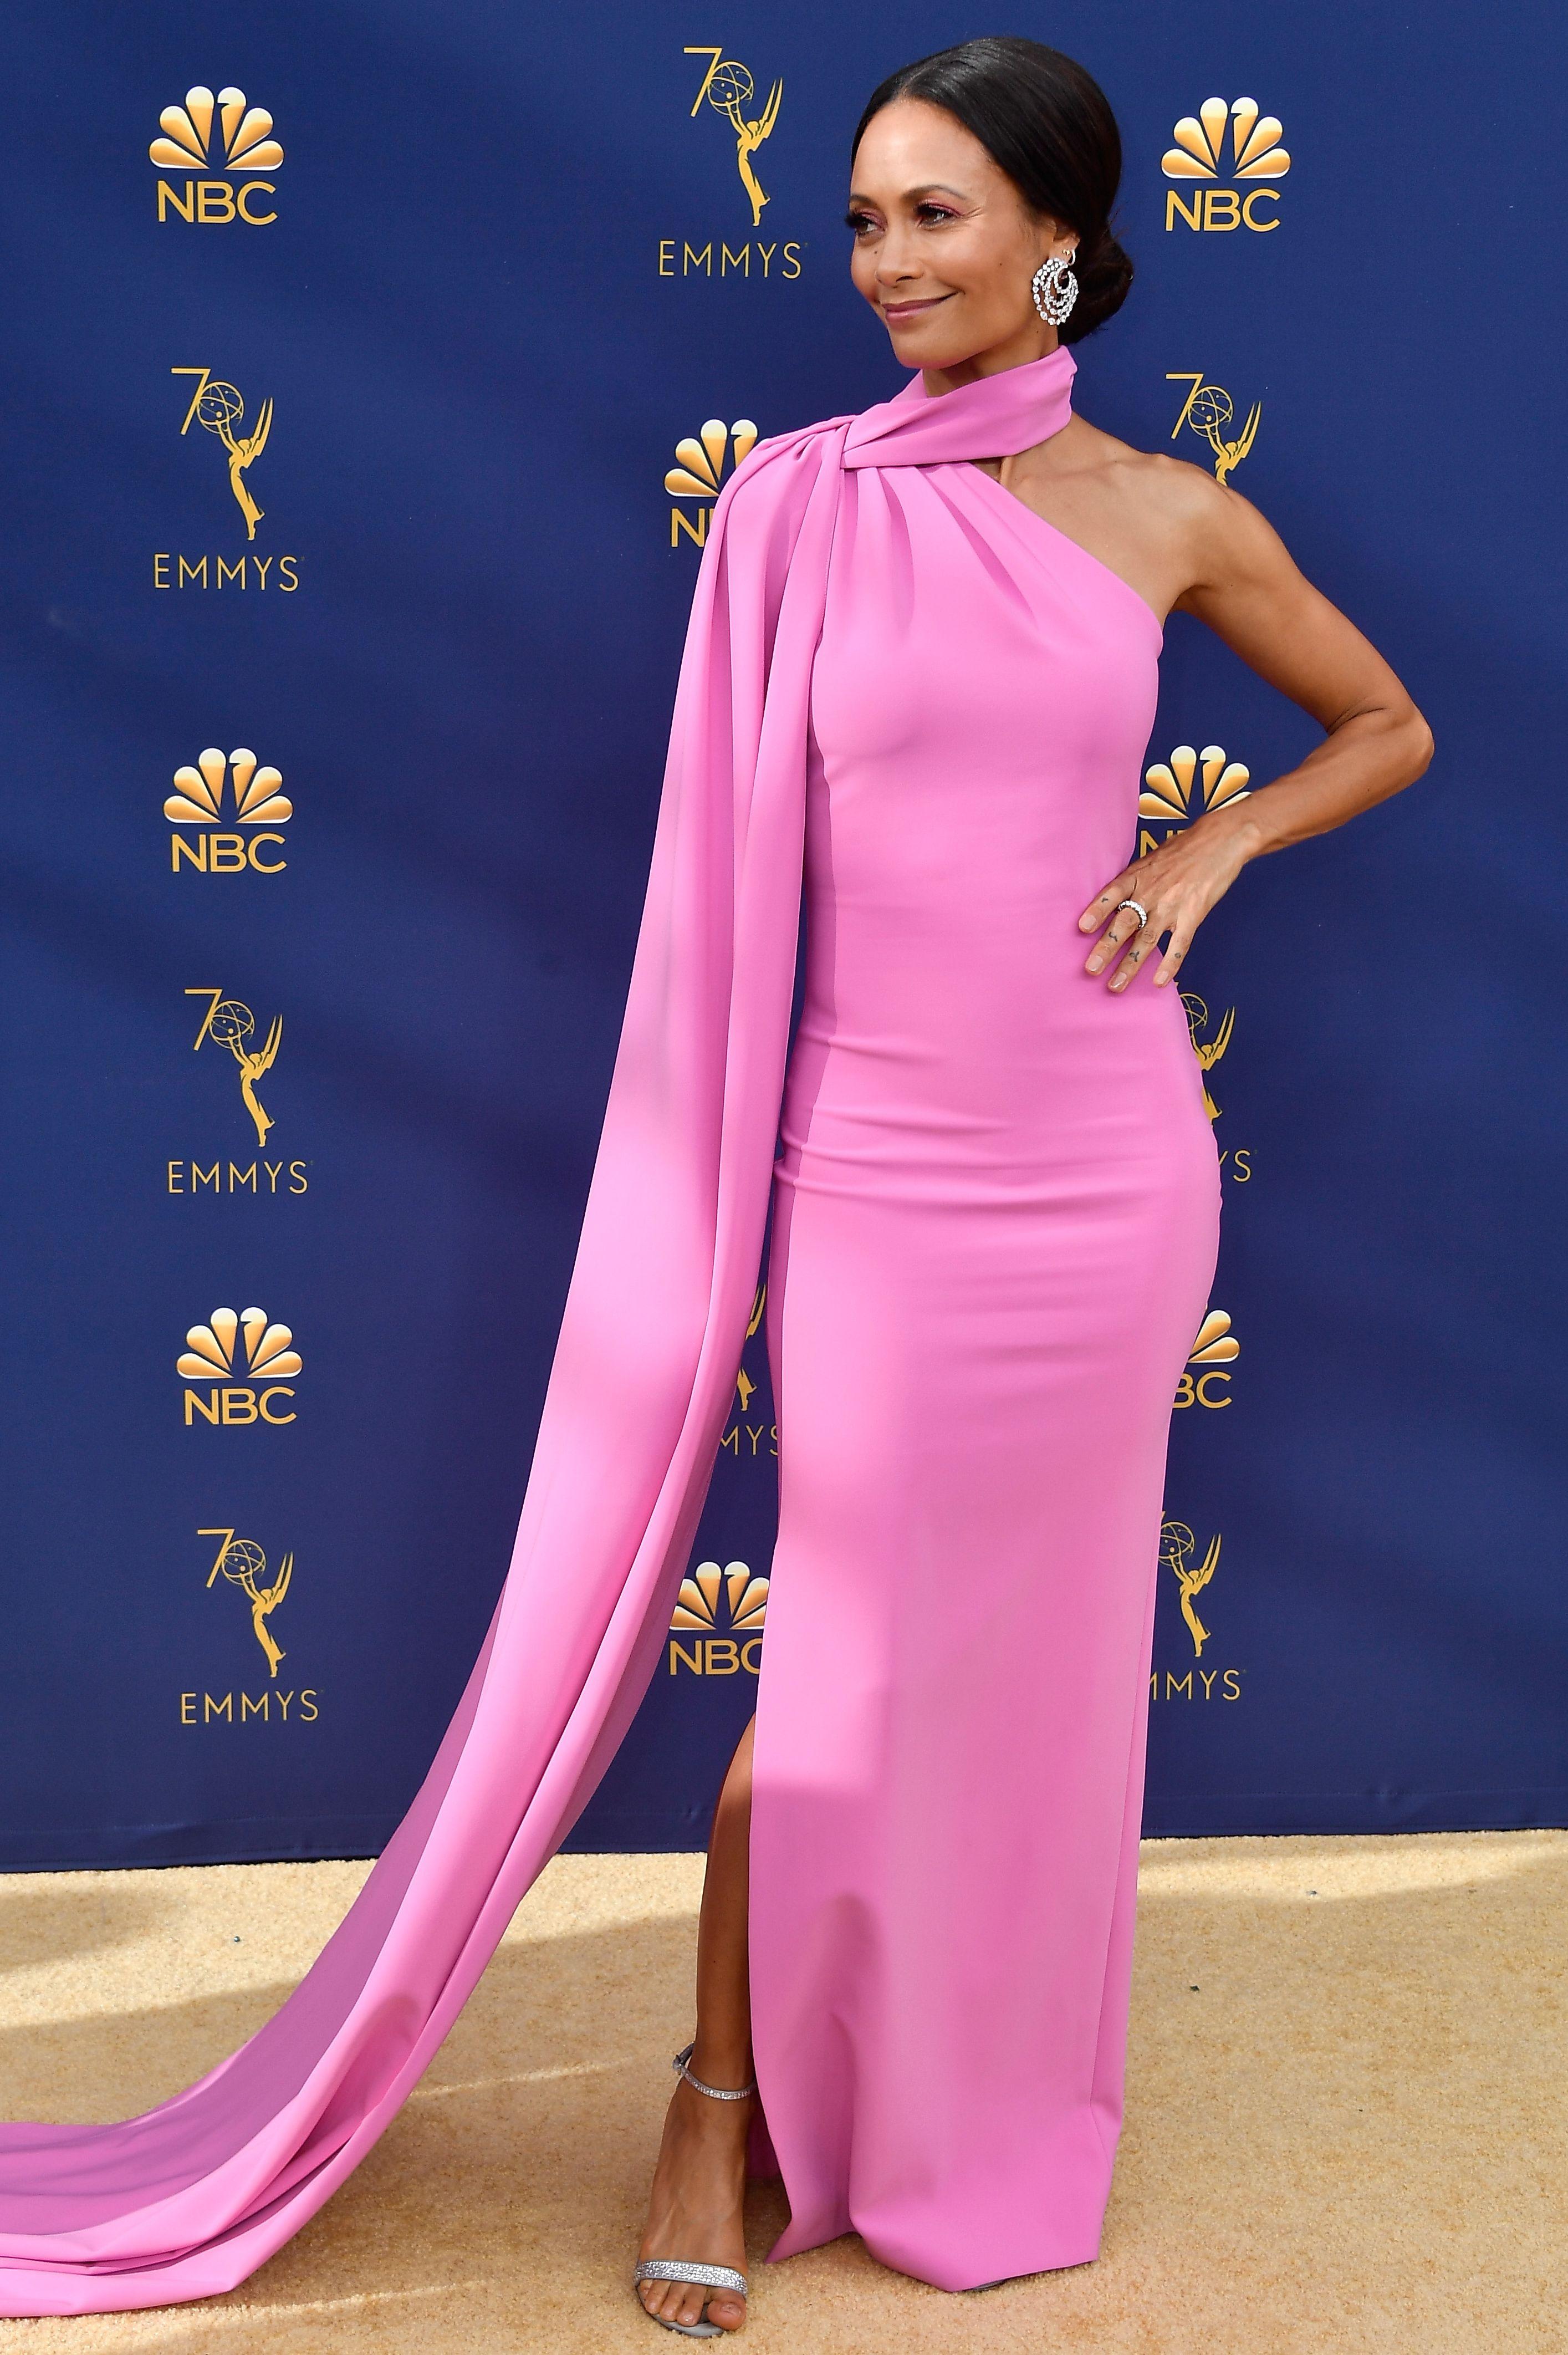 Emmys Awards red carpet 2018